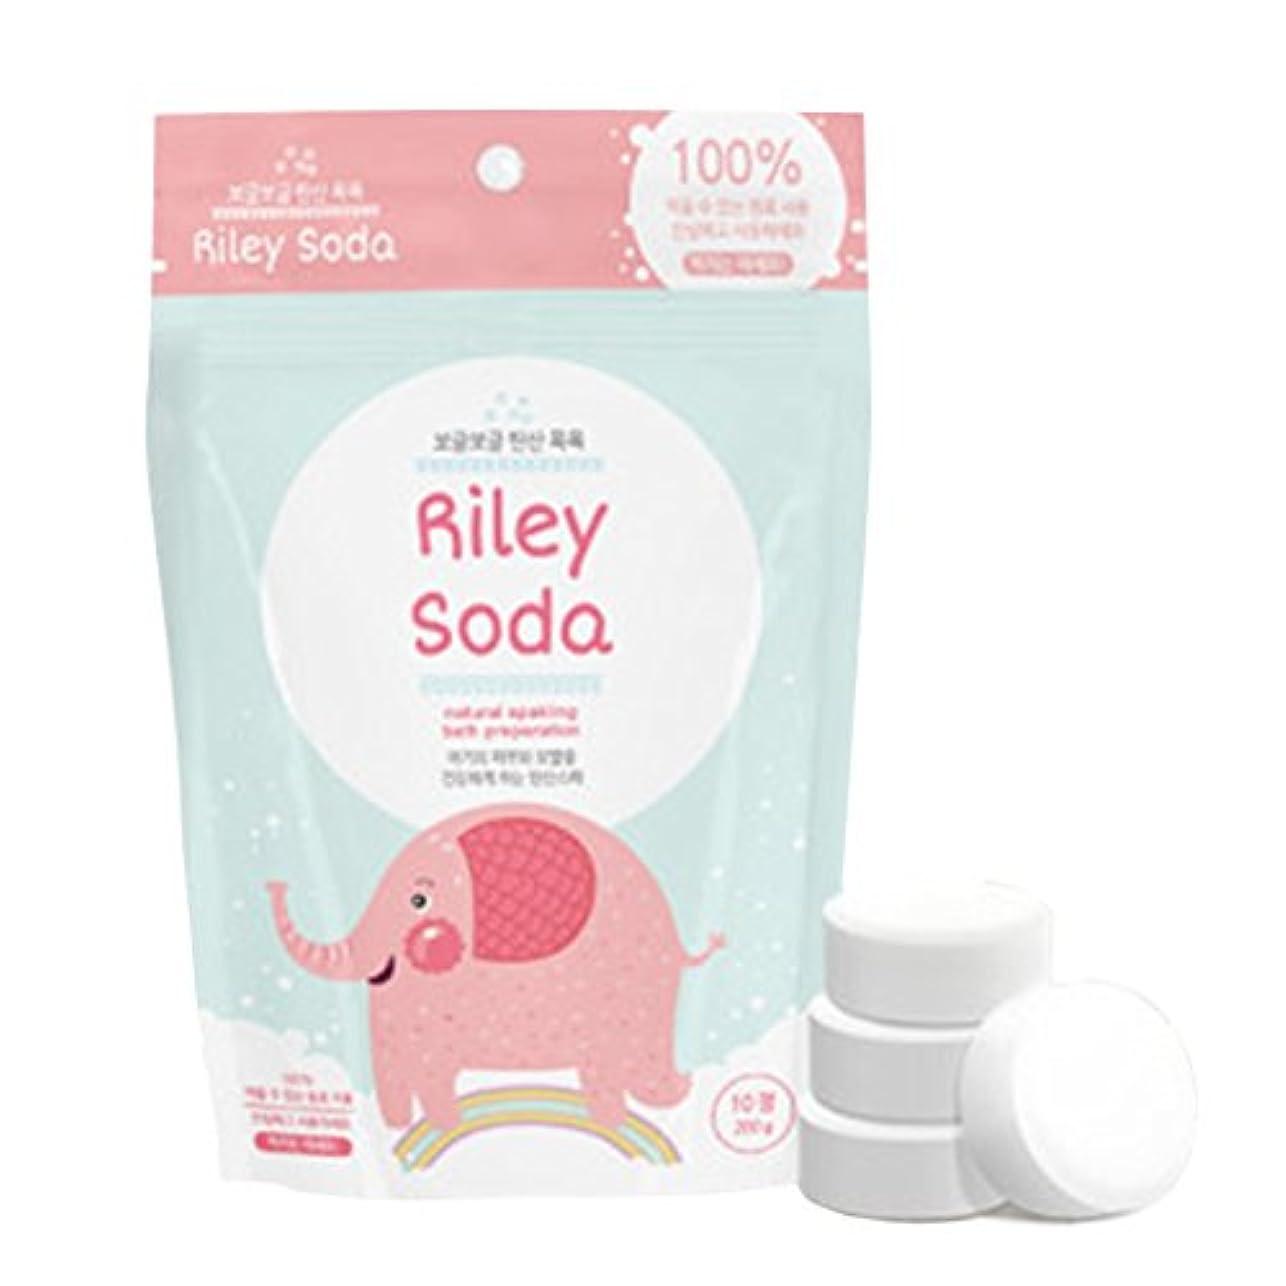 爆風シリングトランペット(リリーソ-ダ) Riley Soda アトピー赤ちゃん用炭酸温泉入浴剤 (10錠) [並行輸入品]